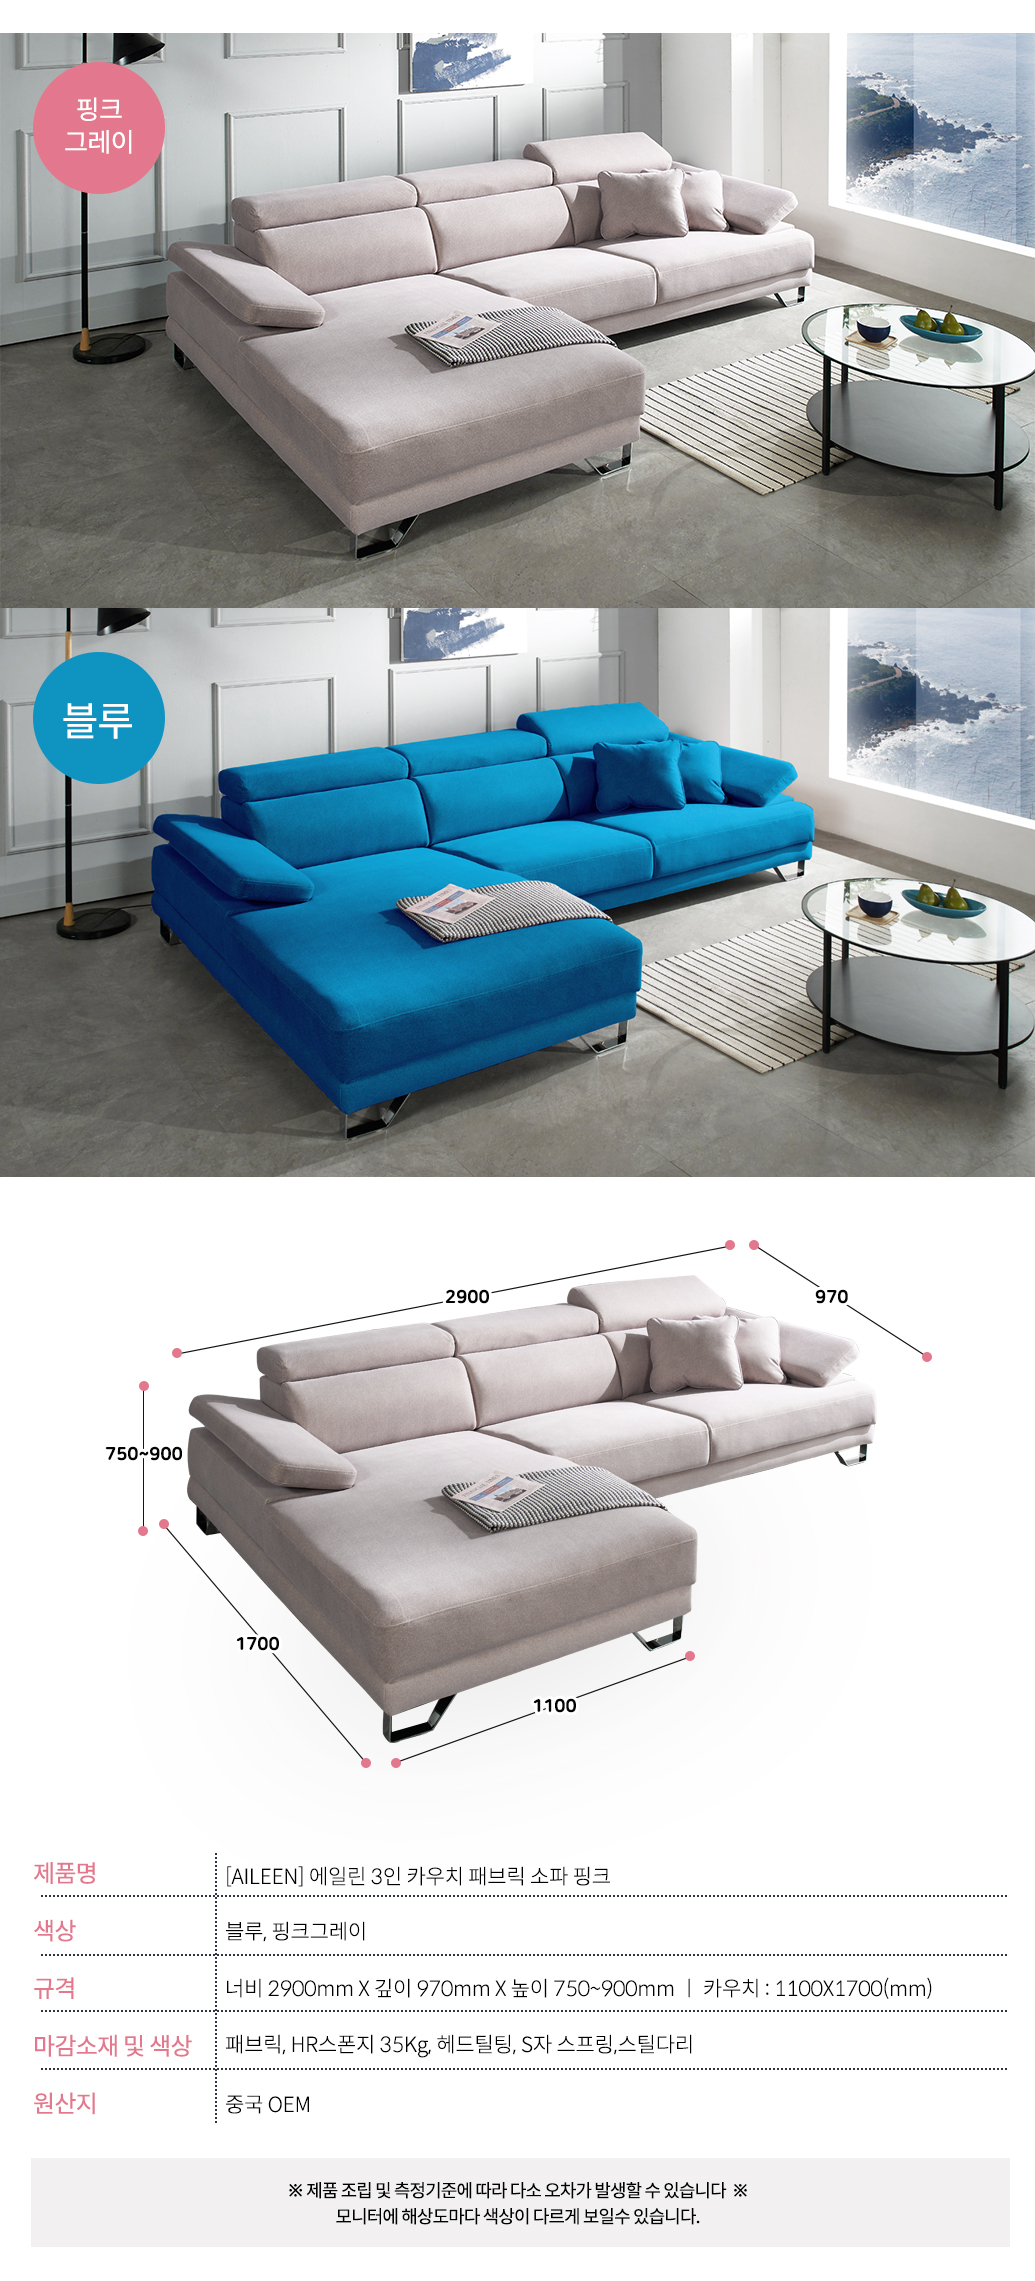 aillen_couch_pink_3.jpg